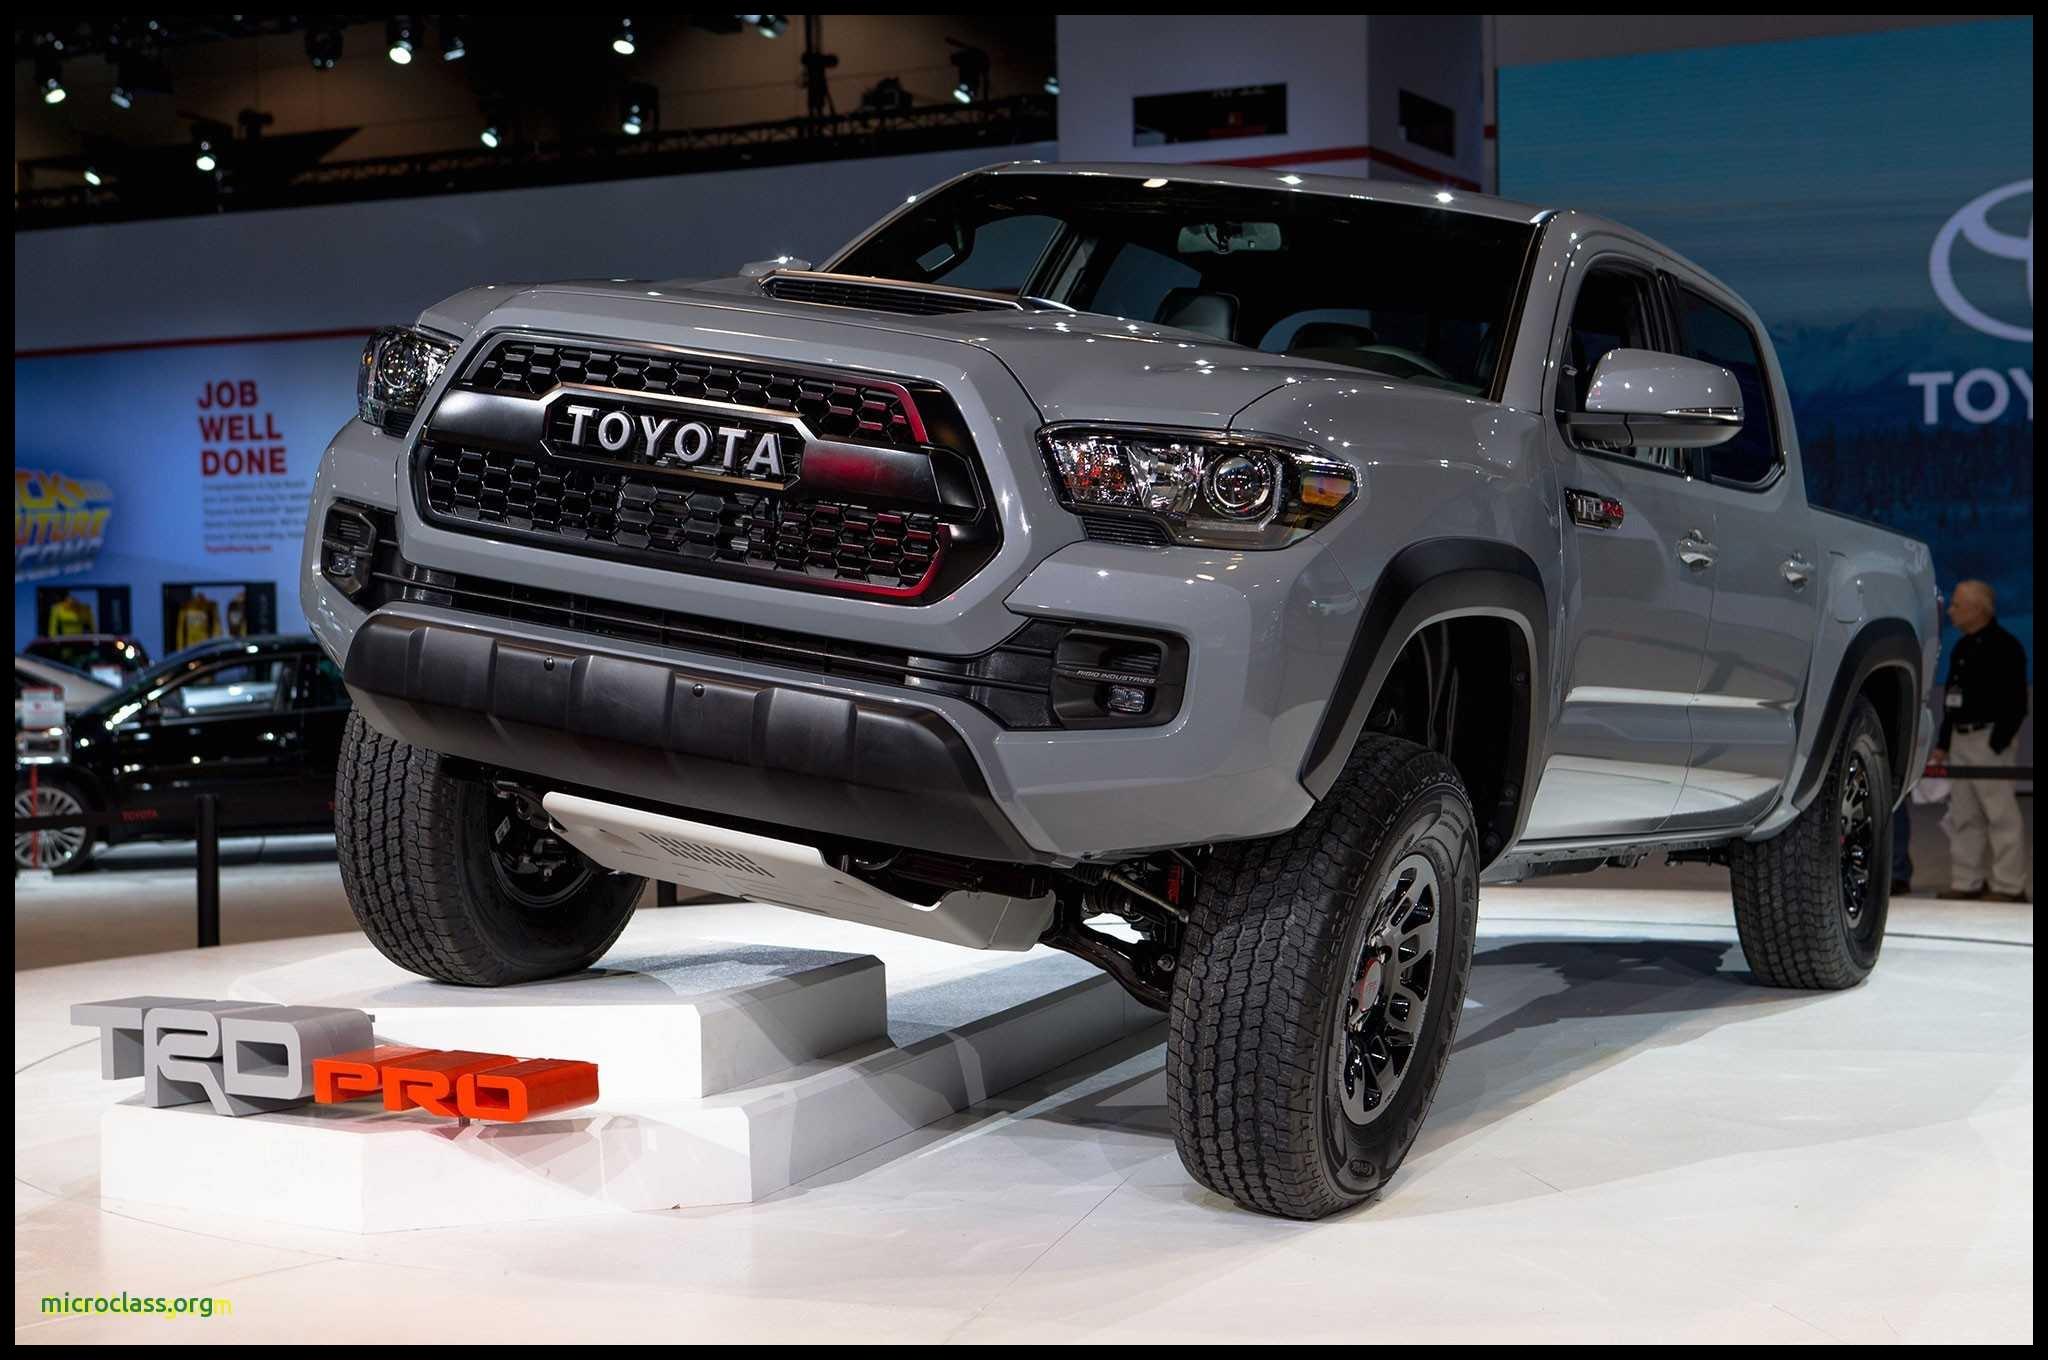 2019 toyota Truck 2019 Tundra 2019 Tundra Specs 2019 toyota Tundra Unique 2019 Tundra Specs